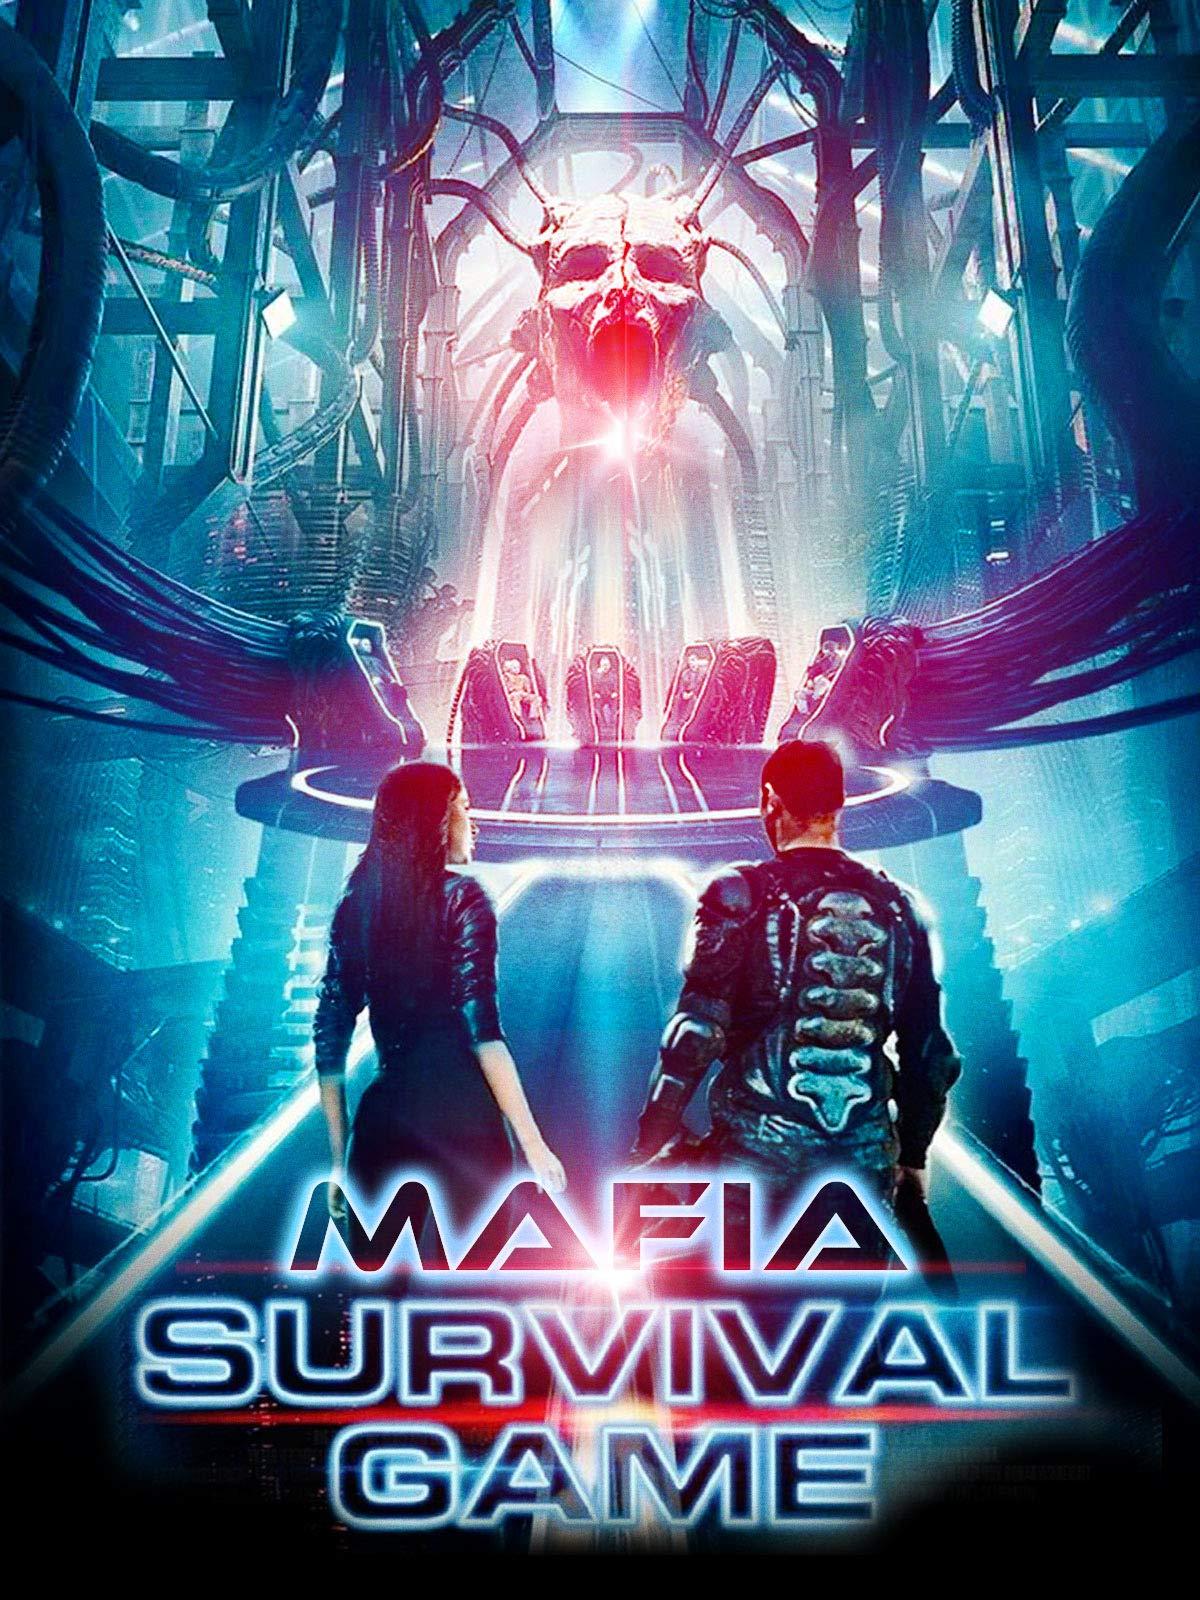 Watch Mafia Survival Game Prime Video